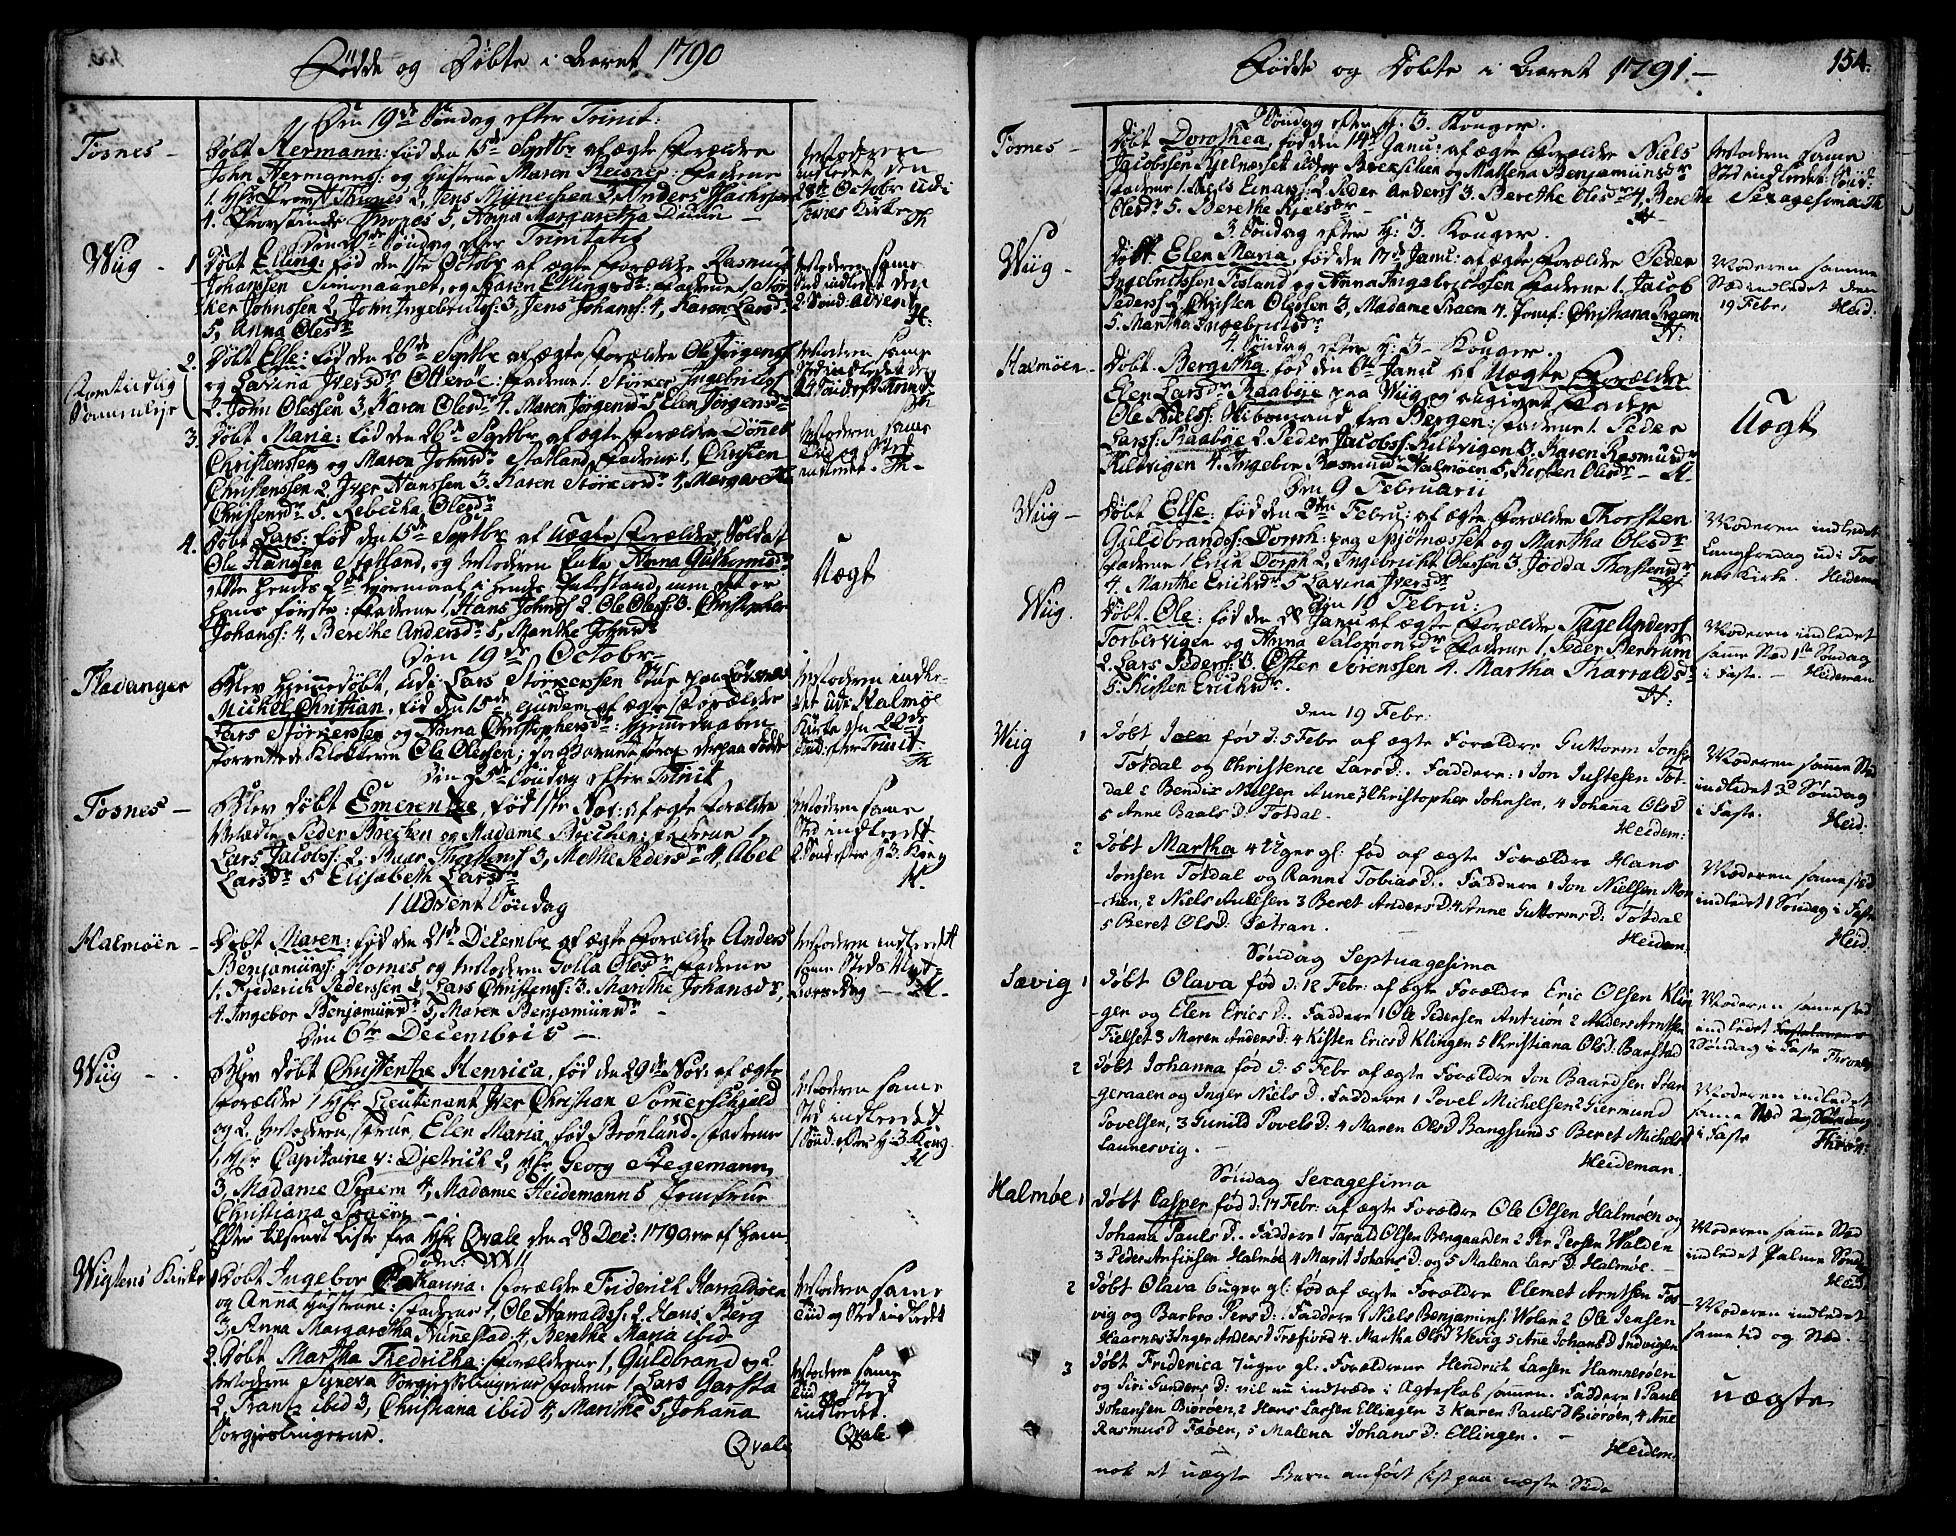 SAT, Ministerialprotokoller, klokkerbøker og fødselsregistre - Nord-Trøndelag, 773/L0608: Ministerialbok nr. 773A02, 1784-1816, s. 154